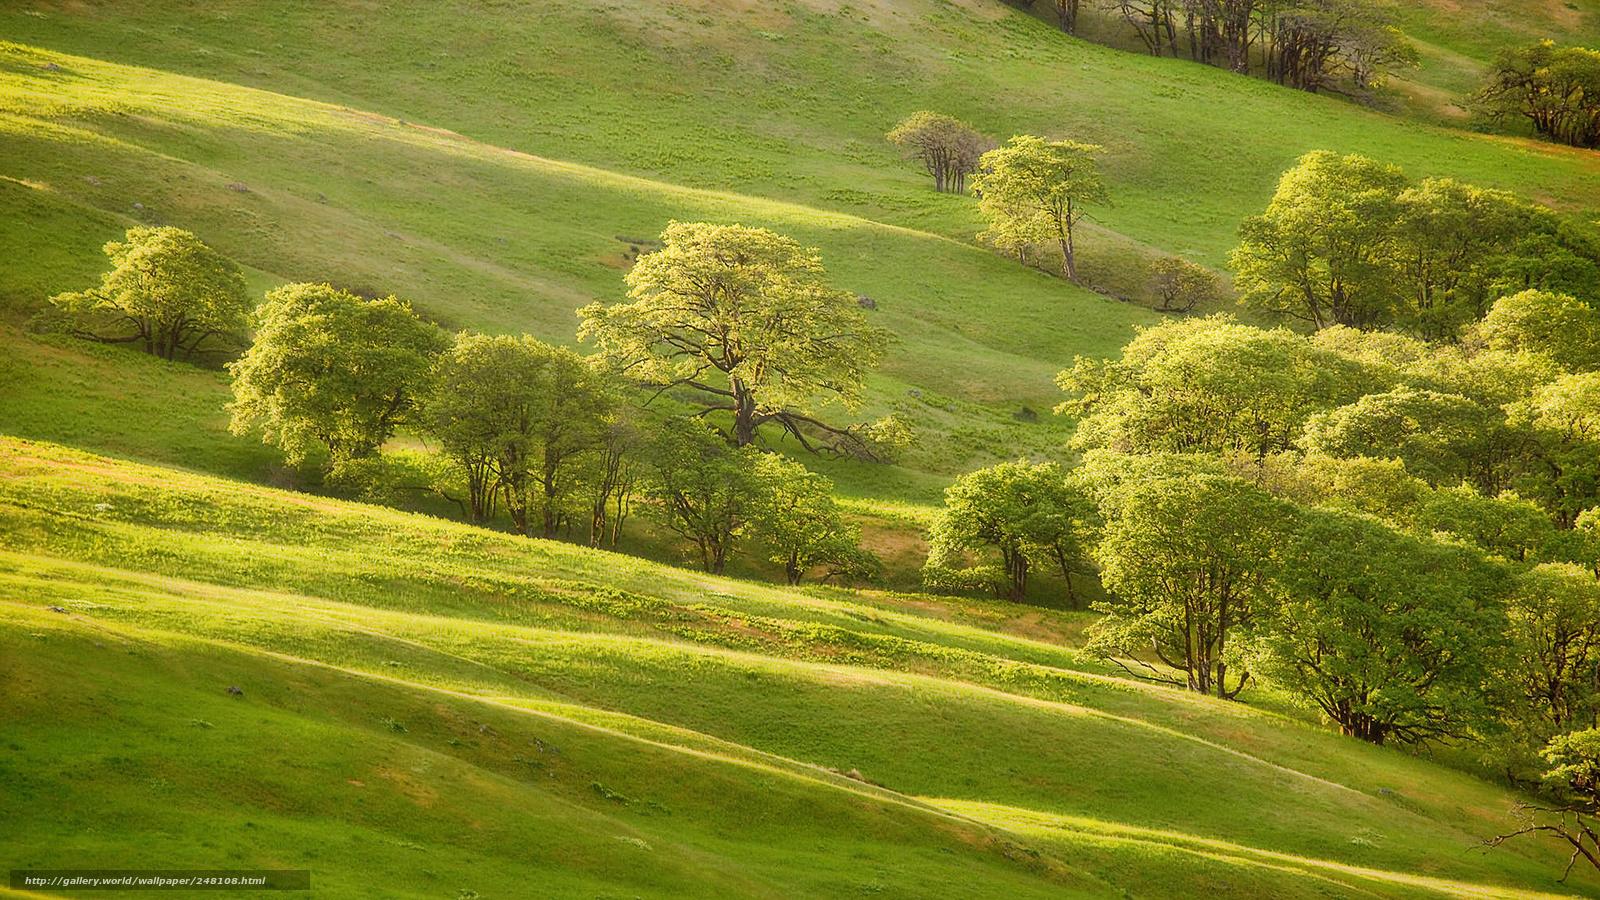 Scaricare gli sfondi hills alberi primavera verdura for Sfondi desktop gratis primavera